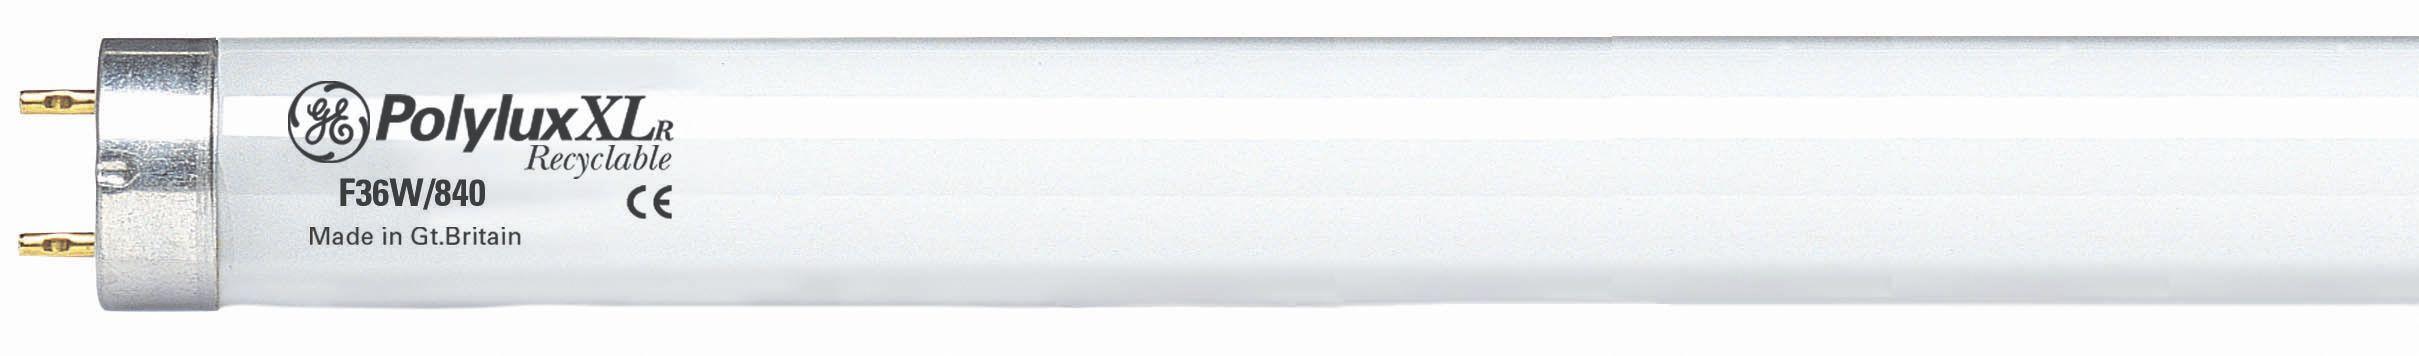 GE Lysrør fullfarge 18W/840 600mm hvit 93317